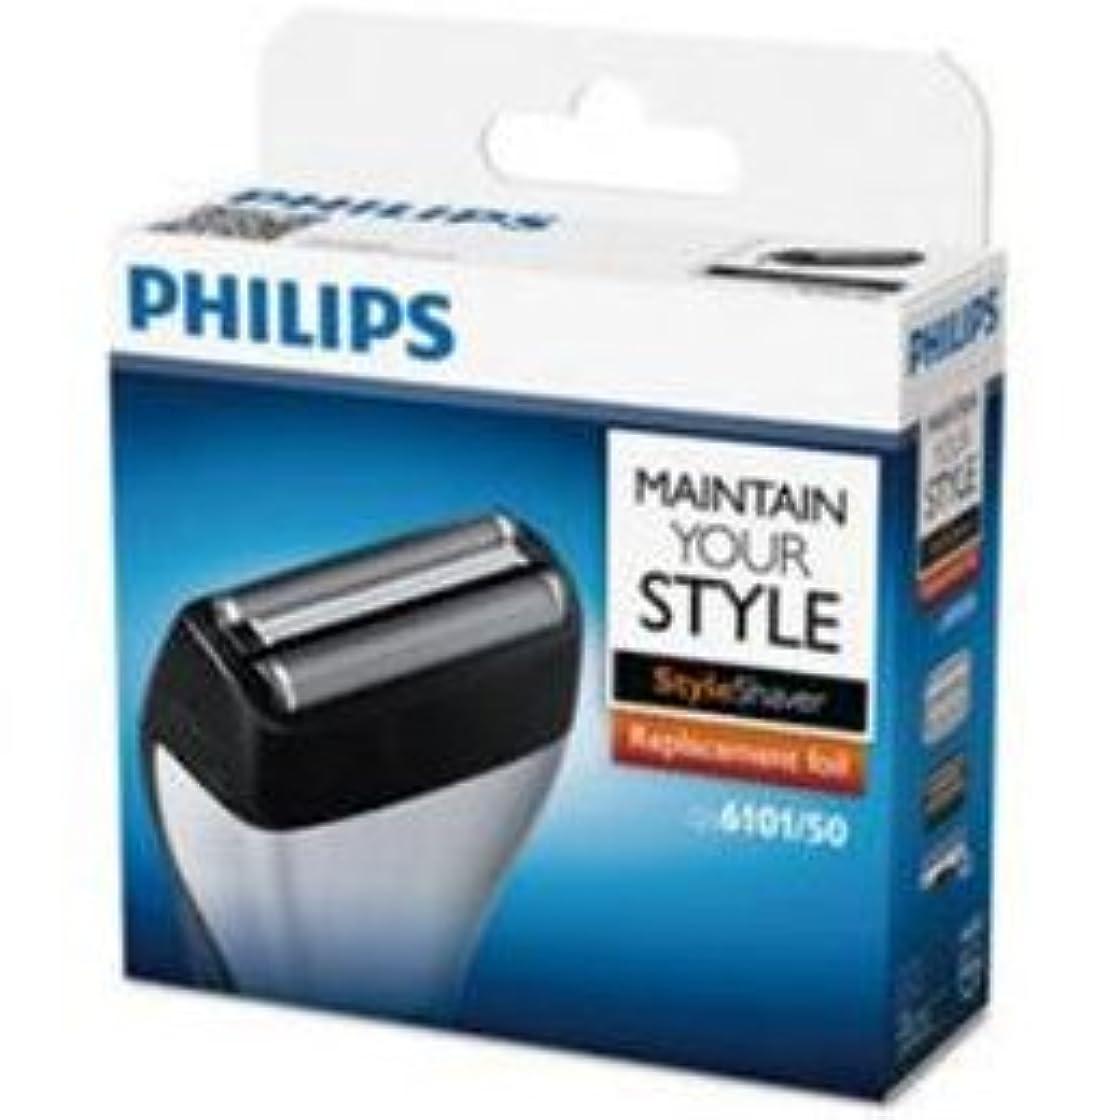 パワーセルペチコートディスク(4個まとめ売り) PHILIPS スタイルシェーバー替刃 QS6101